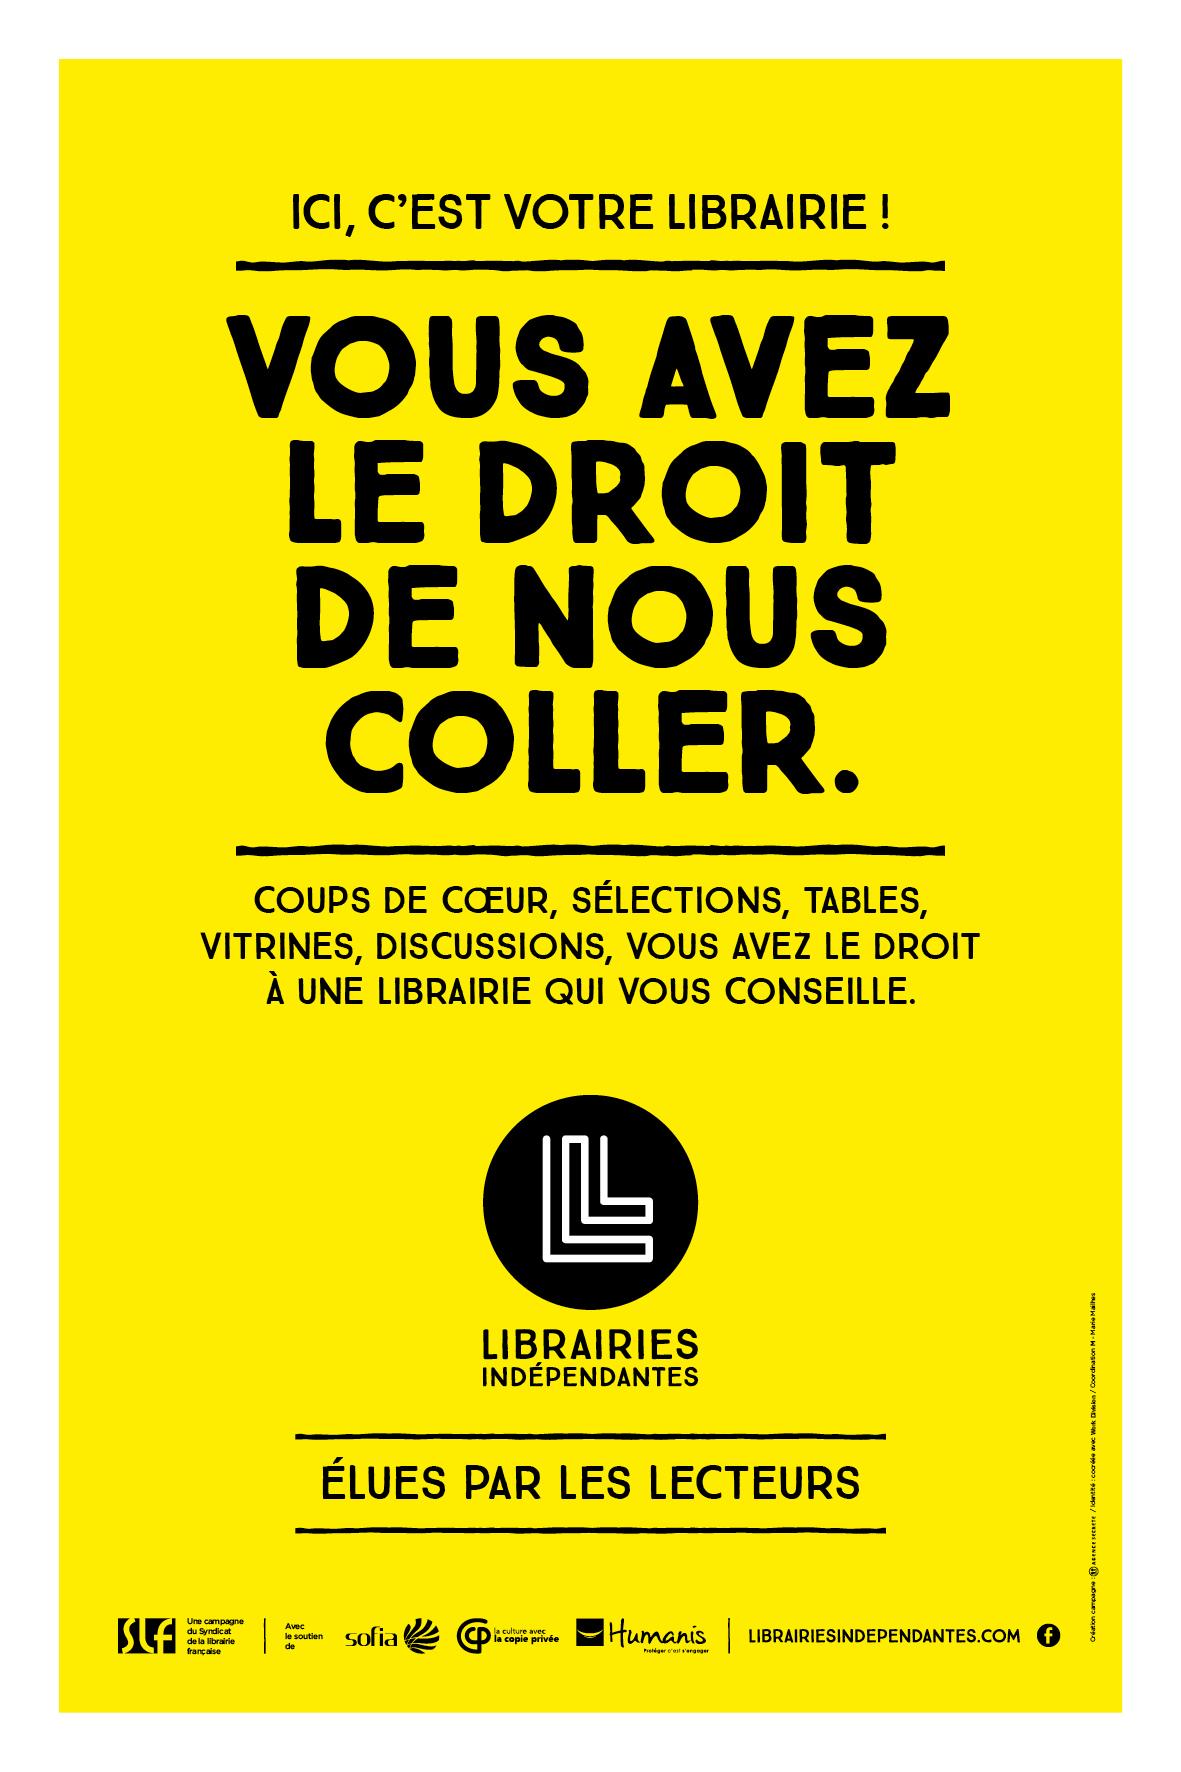 Librairies crea def 1611073 2